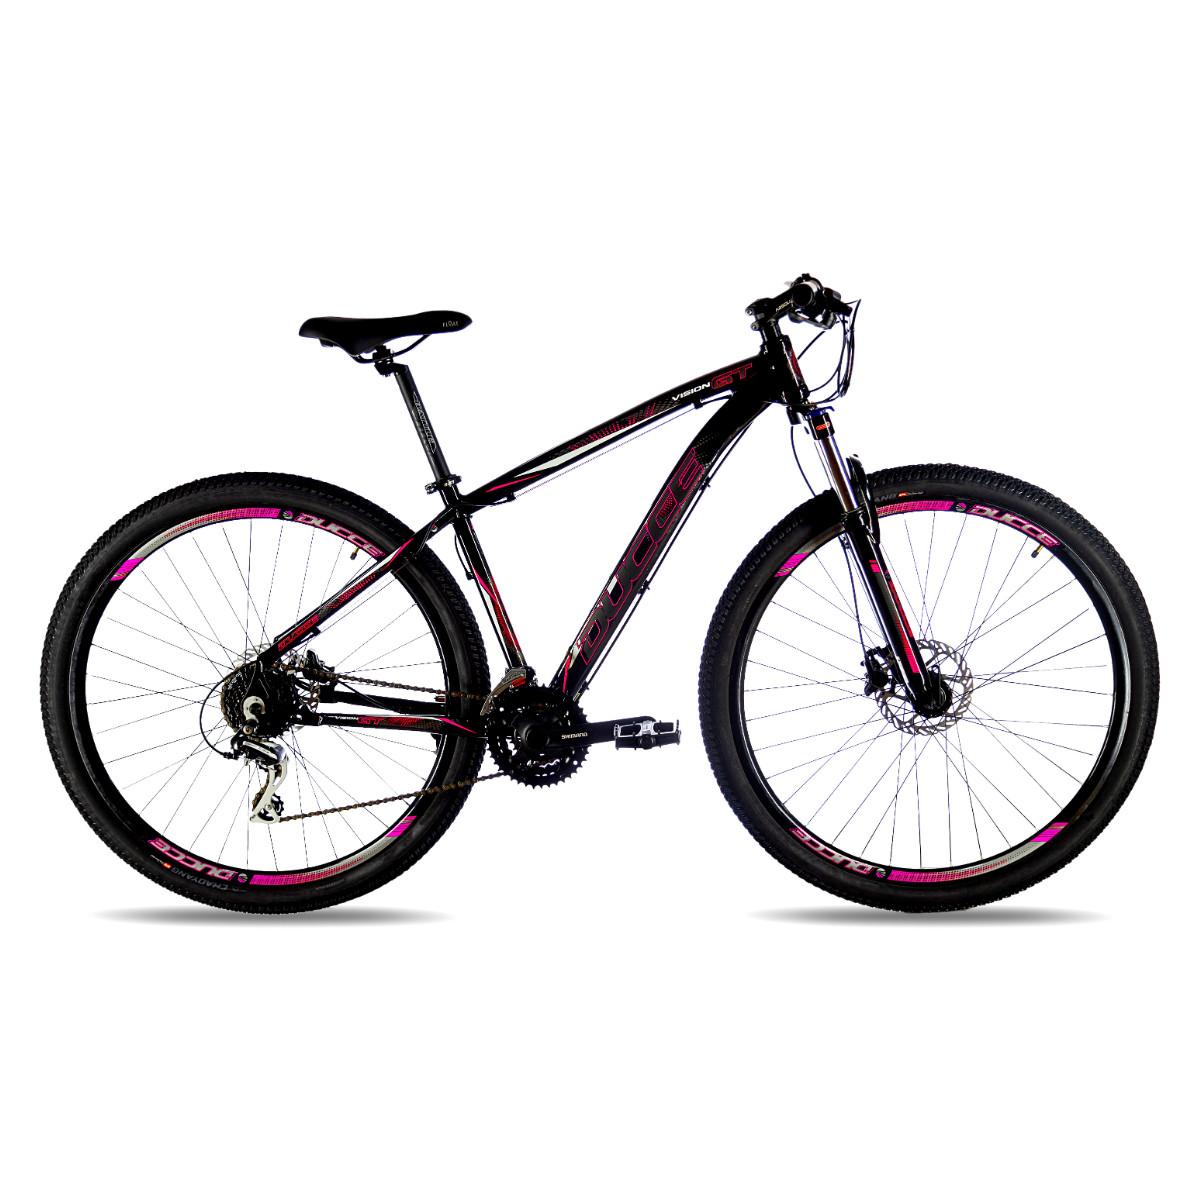 Bicicleta Mtb Ducce Vision GT X3 Aro 29 - Preto e Vermelho